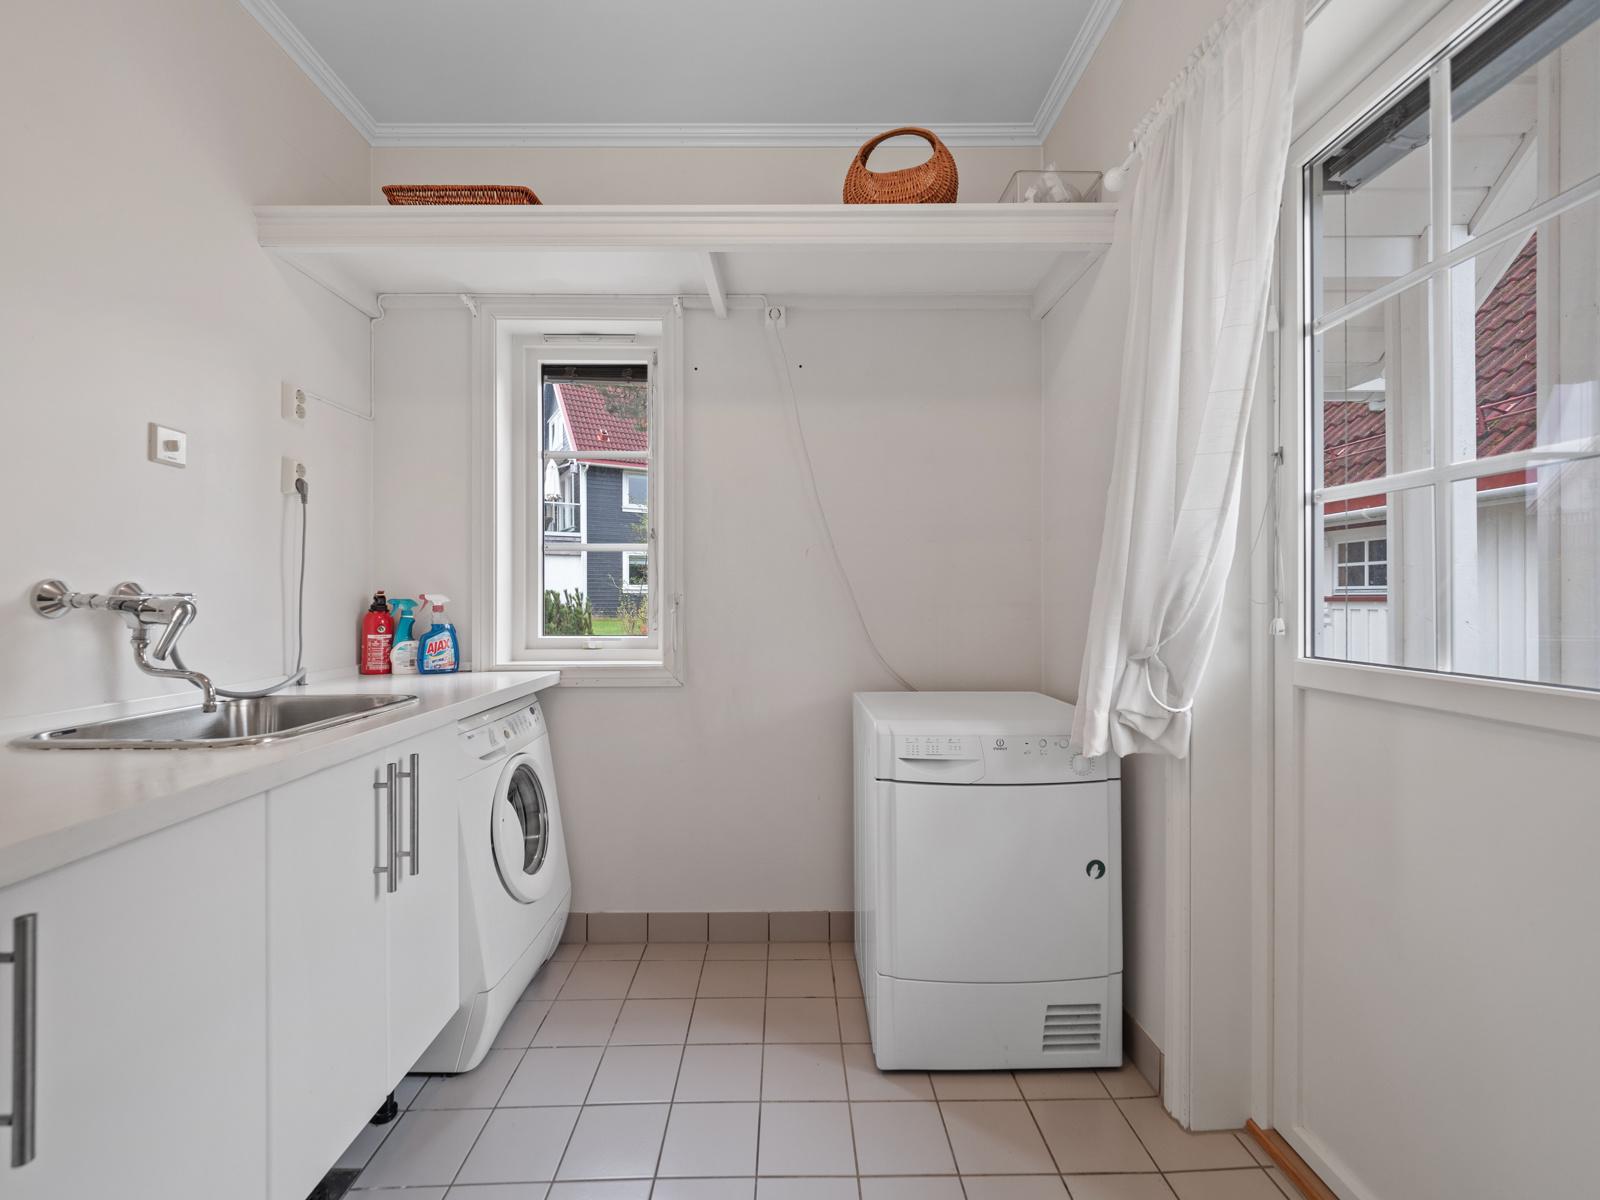 Vaskerom/tekn.rom med direkte utgang. Praktisk!